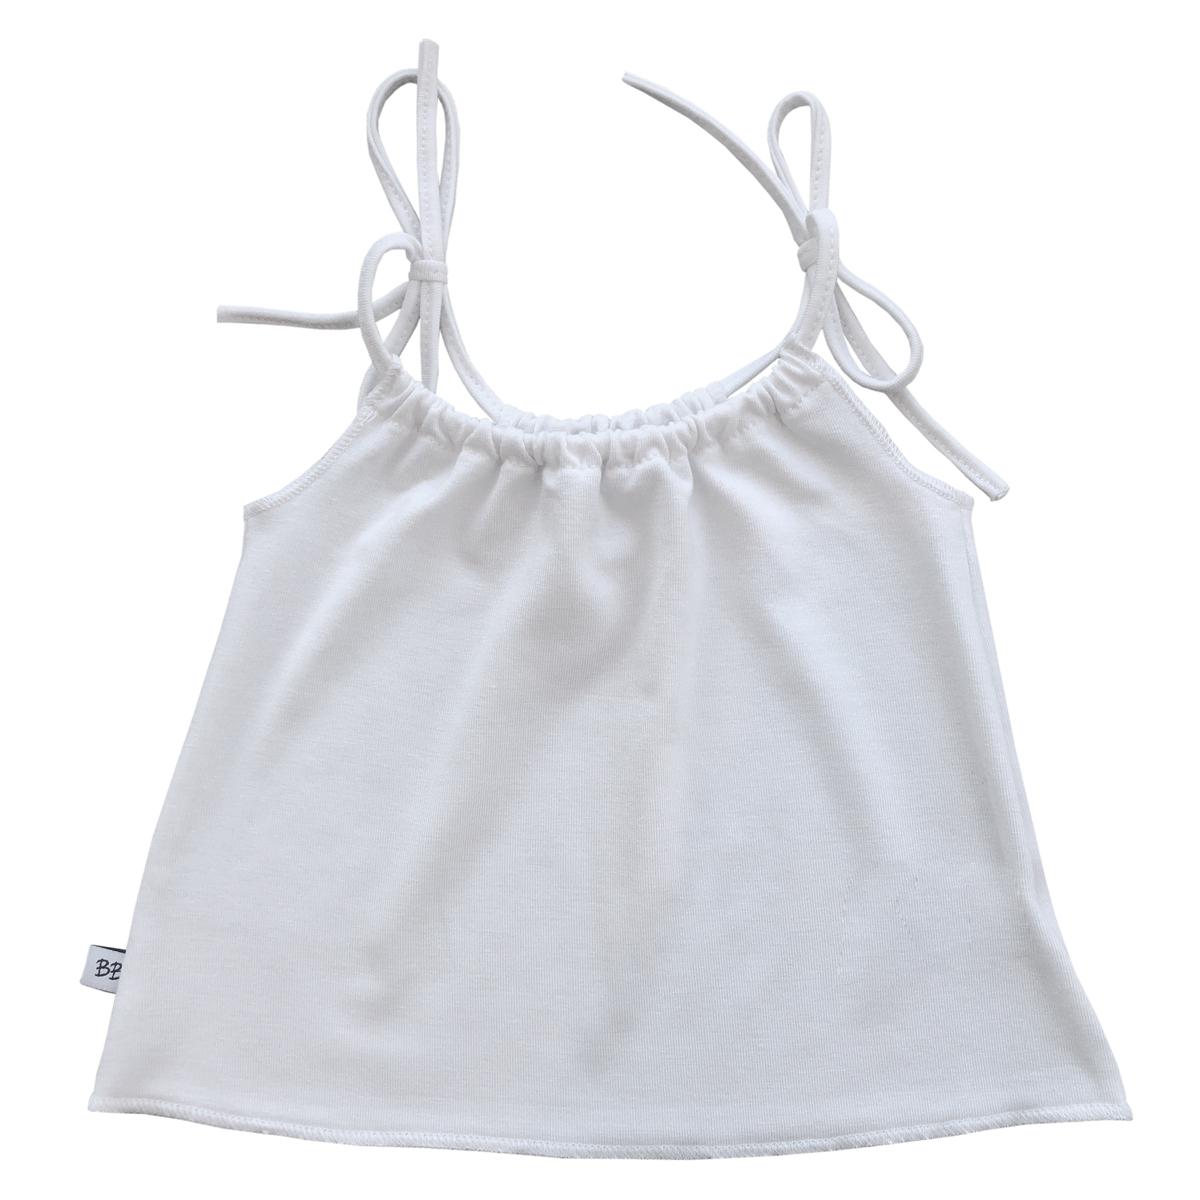 Haut bébé Débardeur Fines Bretelles Blanc - 9/12 Mois Débardeur Fines Bretelles Blanc - 9/12 Mois